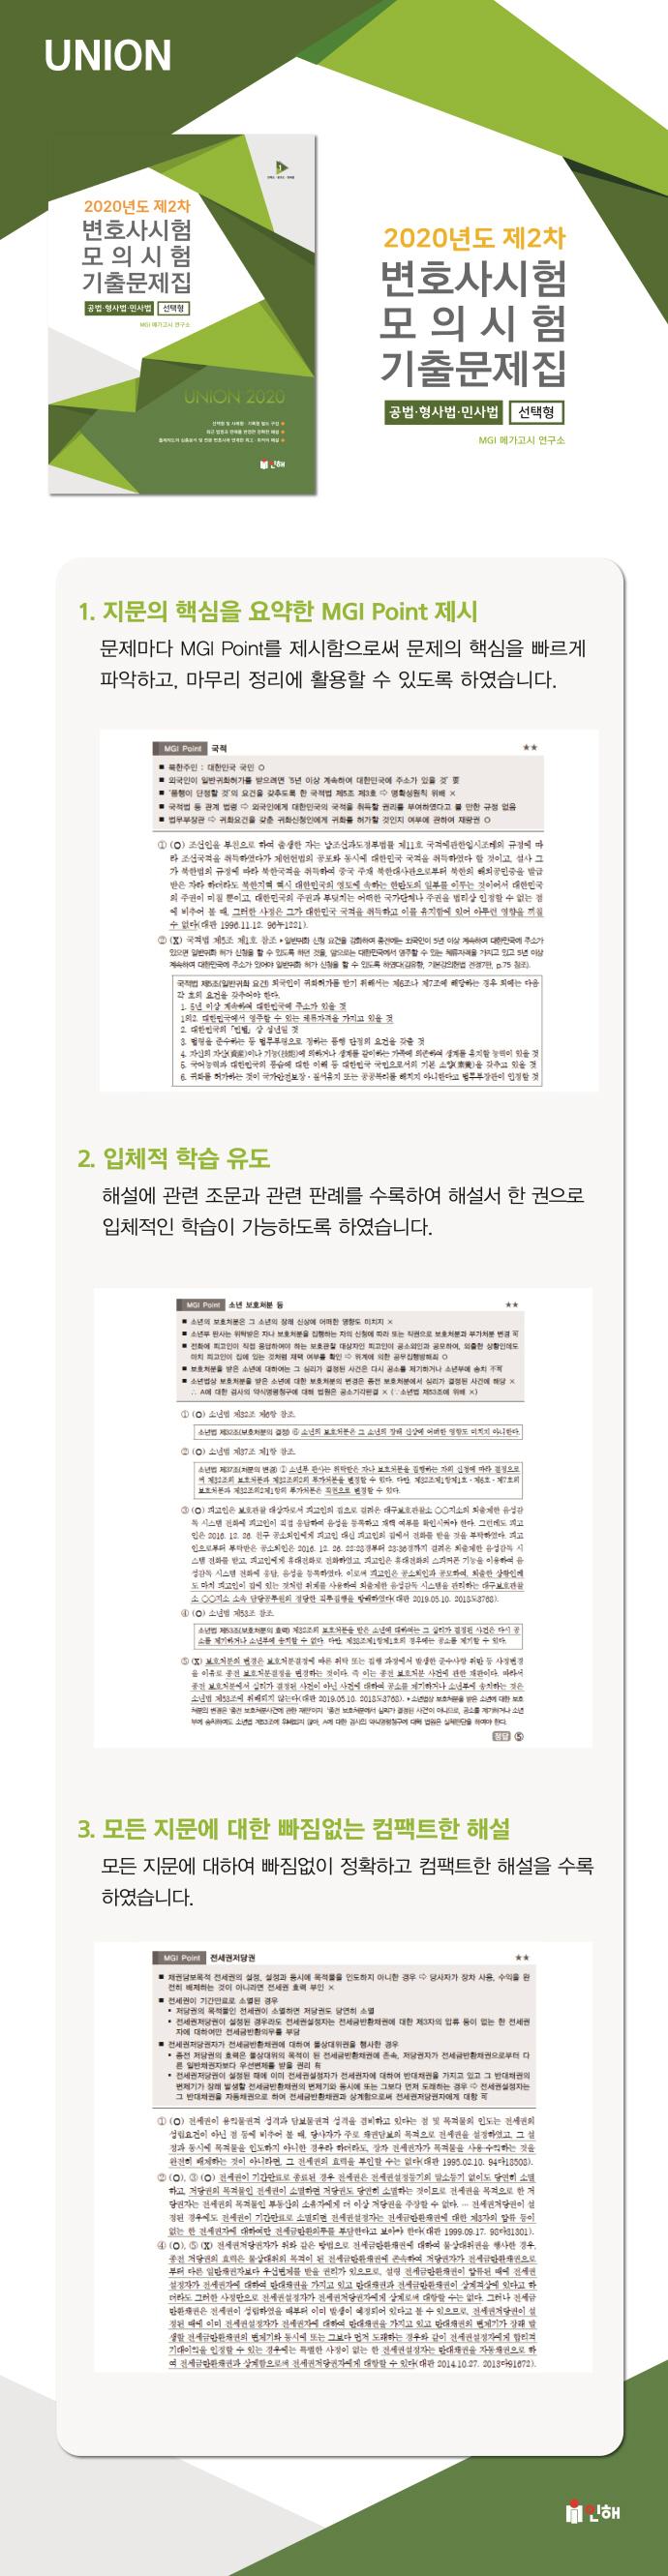 제2차 변호사시험 모의시험 선택형 기출문제집(2020)(Union) 도서 상세이미지